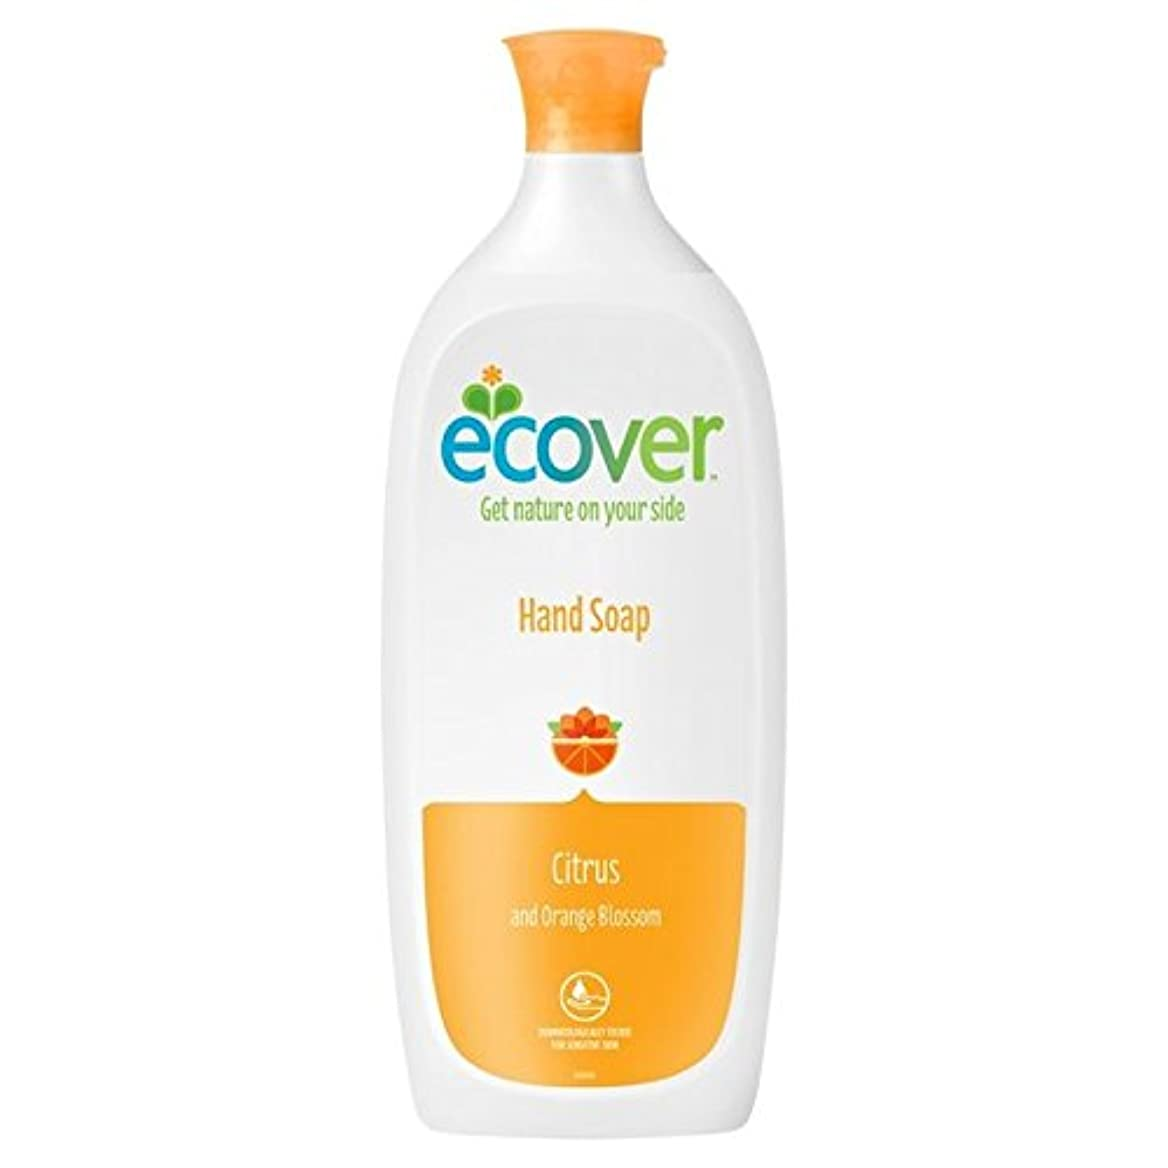 欲しいです遠足高めるエコベール液体石鹸シトラス&オレンジの花のリフィル1リットル x4 - Ecover Liquid Soap Citrus & Orange Blossom Refill 1L (Pack of 4) [並行輸入品]